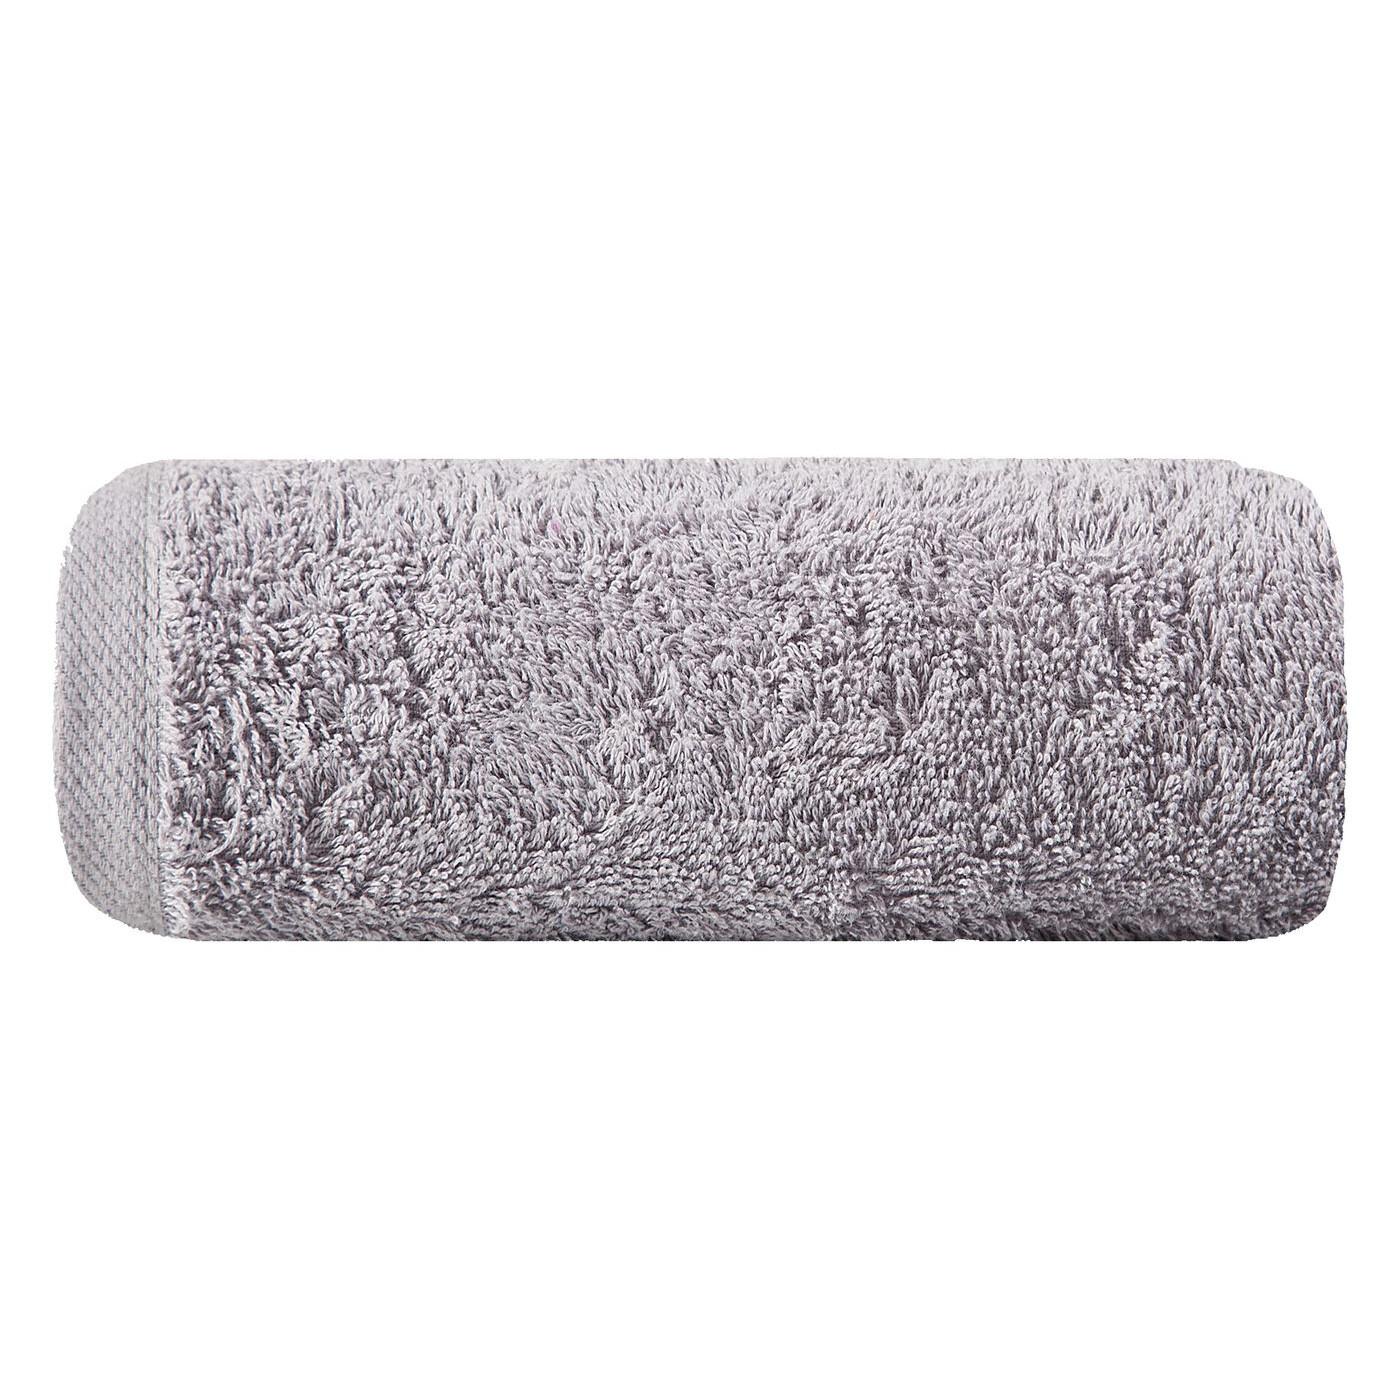 Gładki ręcznik kąpielowy srebrny 70x140 cm